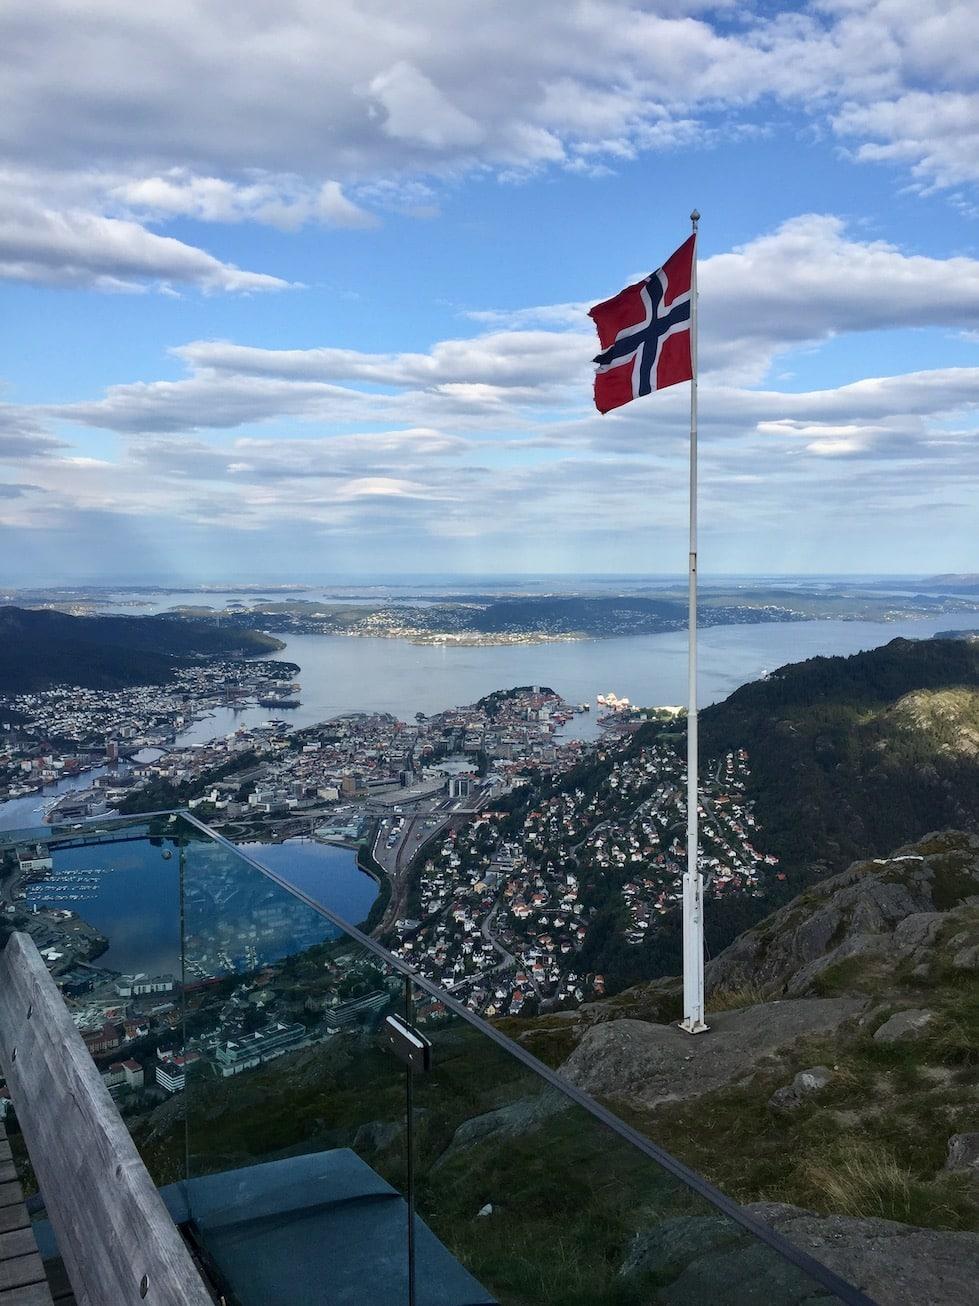 Ulriken, Opplevelser i Bergen